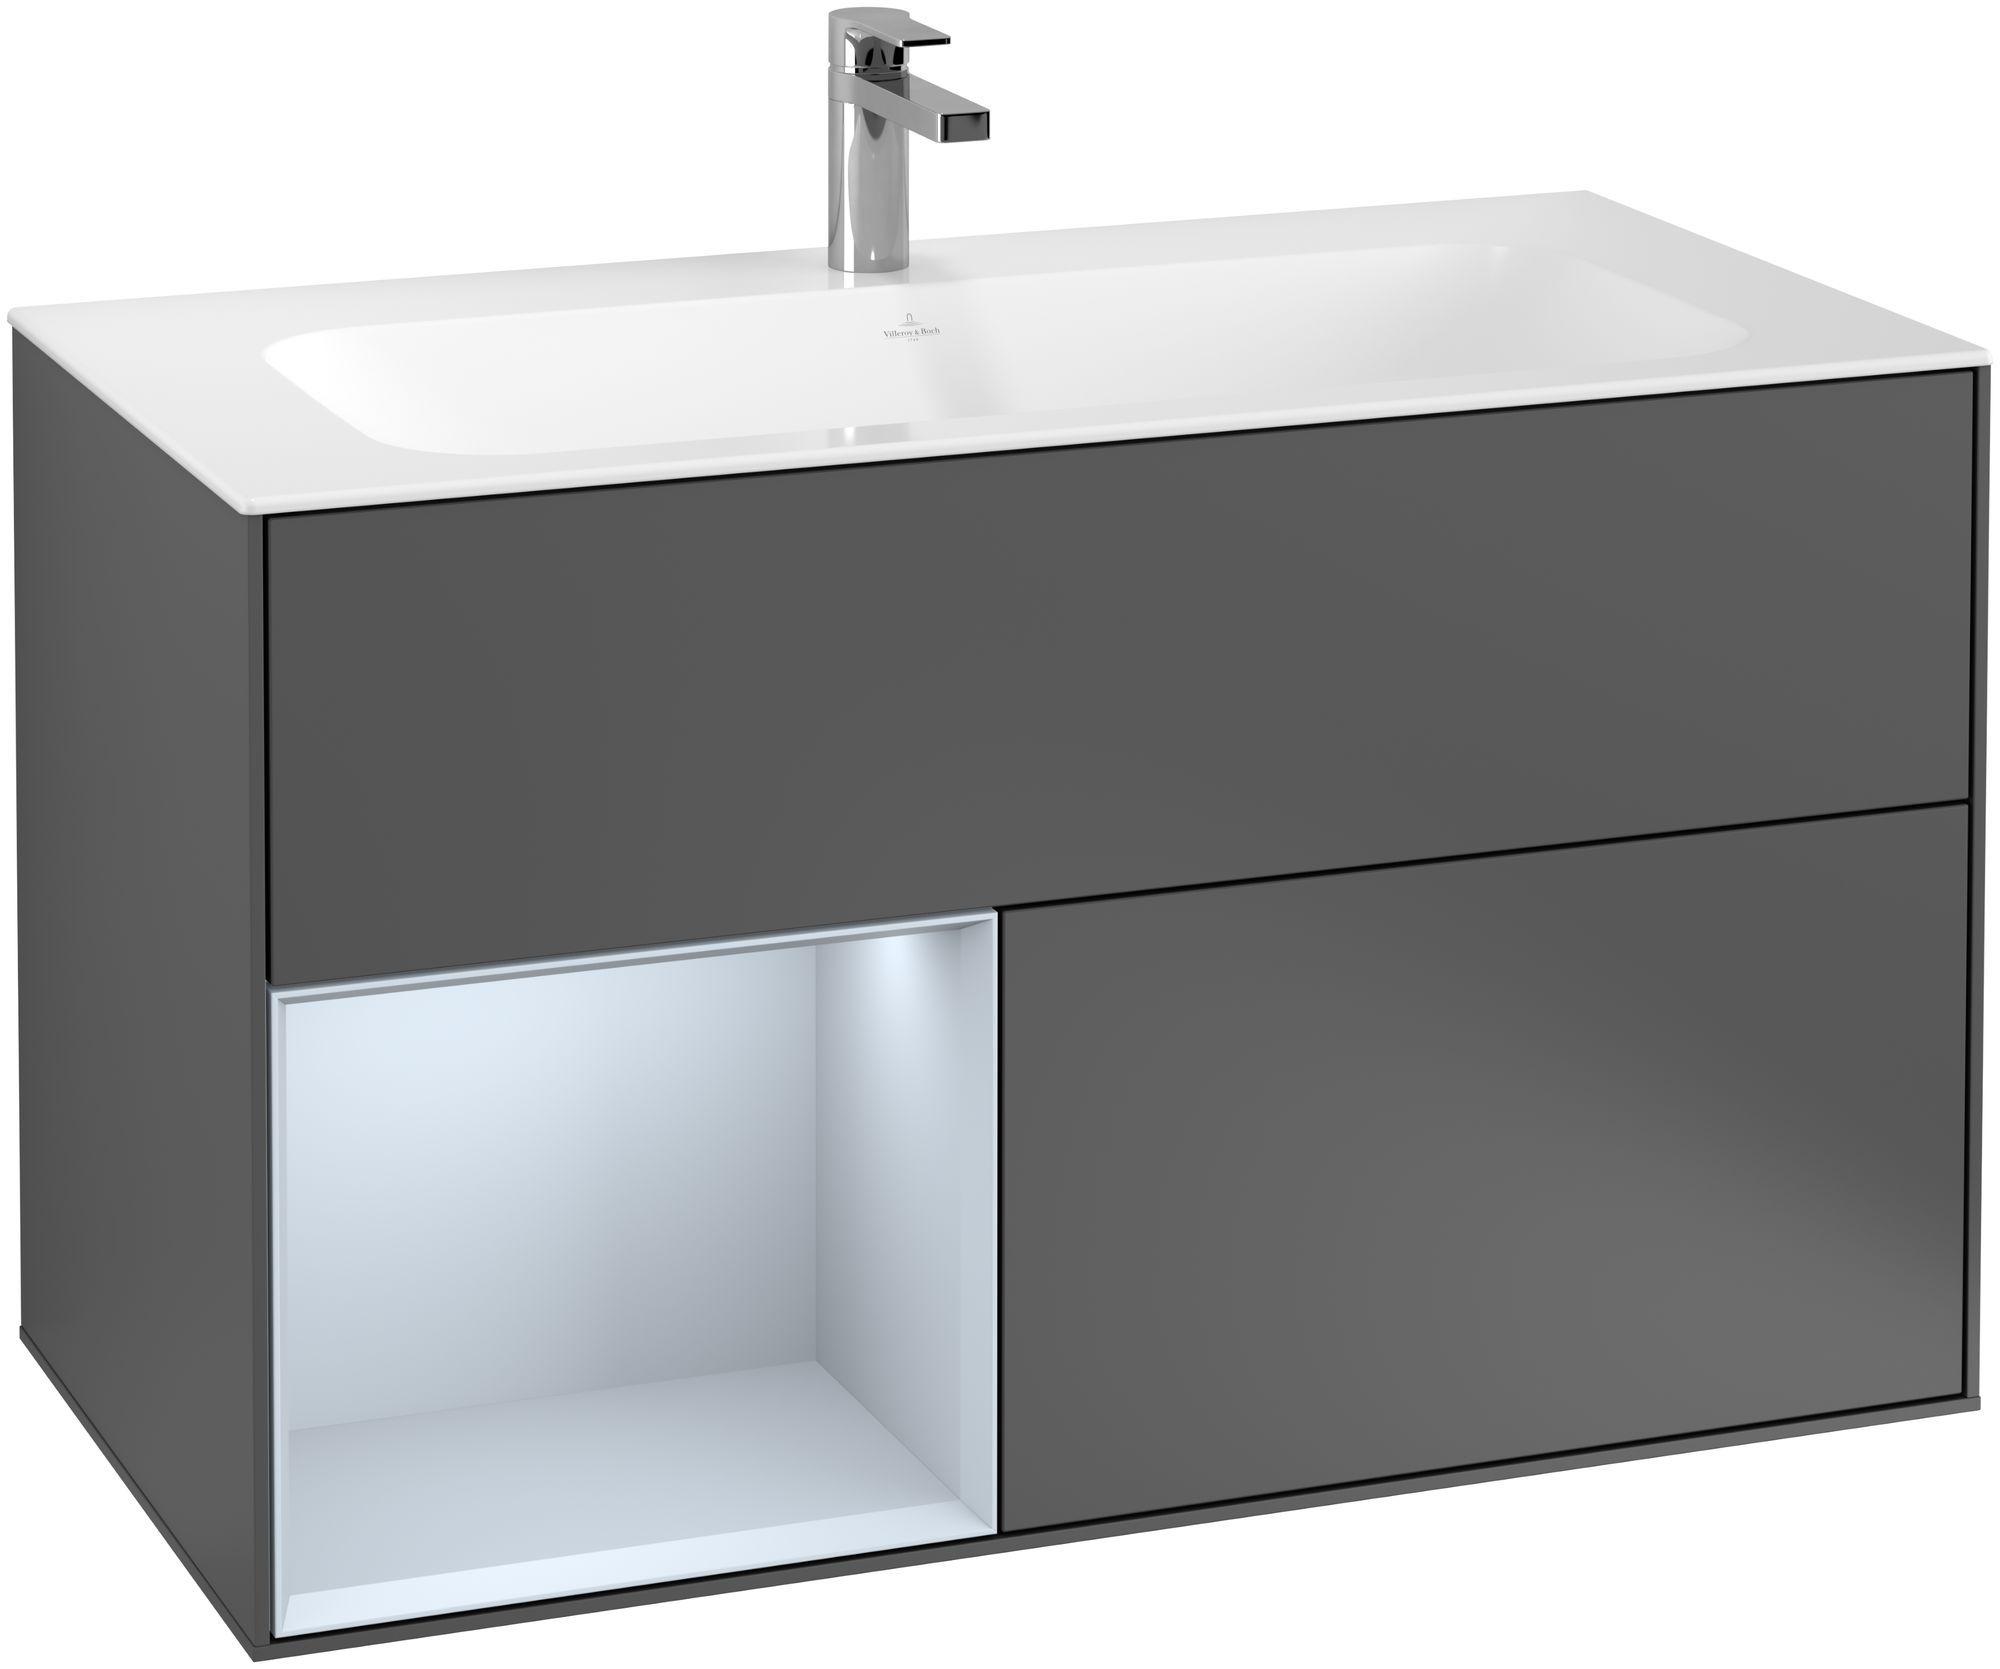 Villeroy & Boch Finion F03 Waschtischunterschrank mit Regalelement 2 Auszüge LED-Beleuchtung B:99,6xH:59,1xT:49,8cm Front, Korpus: Anthracite Matt, Regal: Cloud F030HAGK